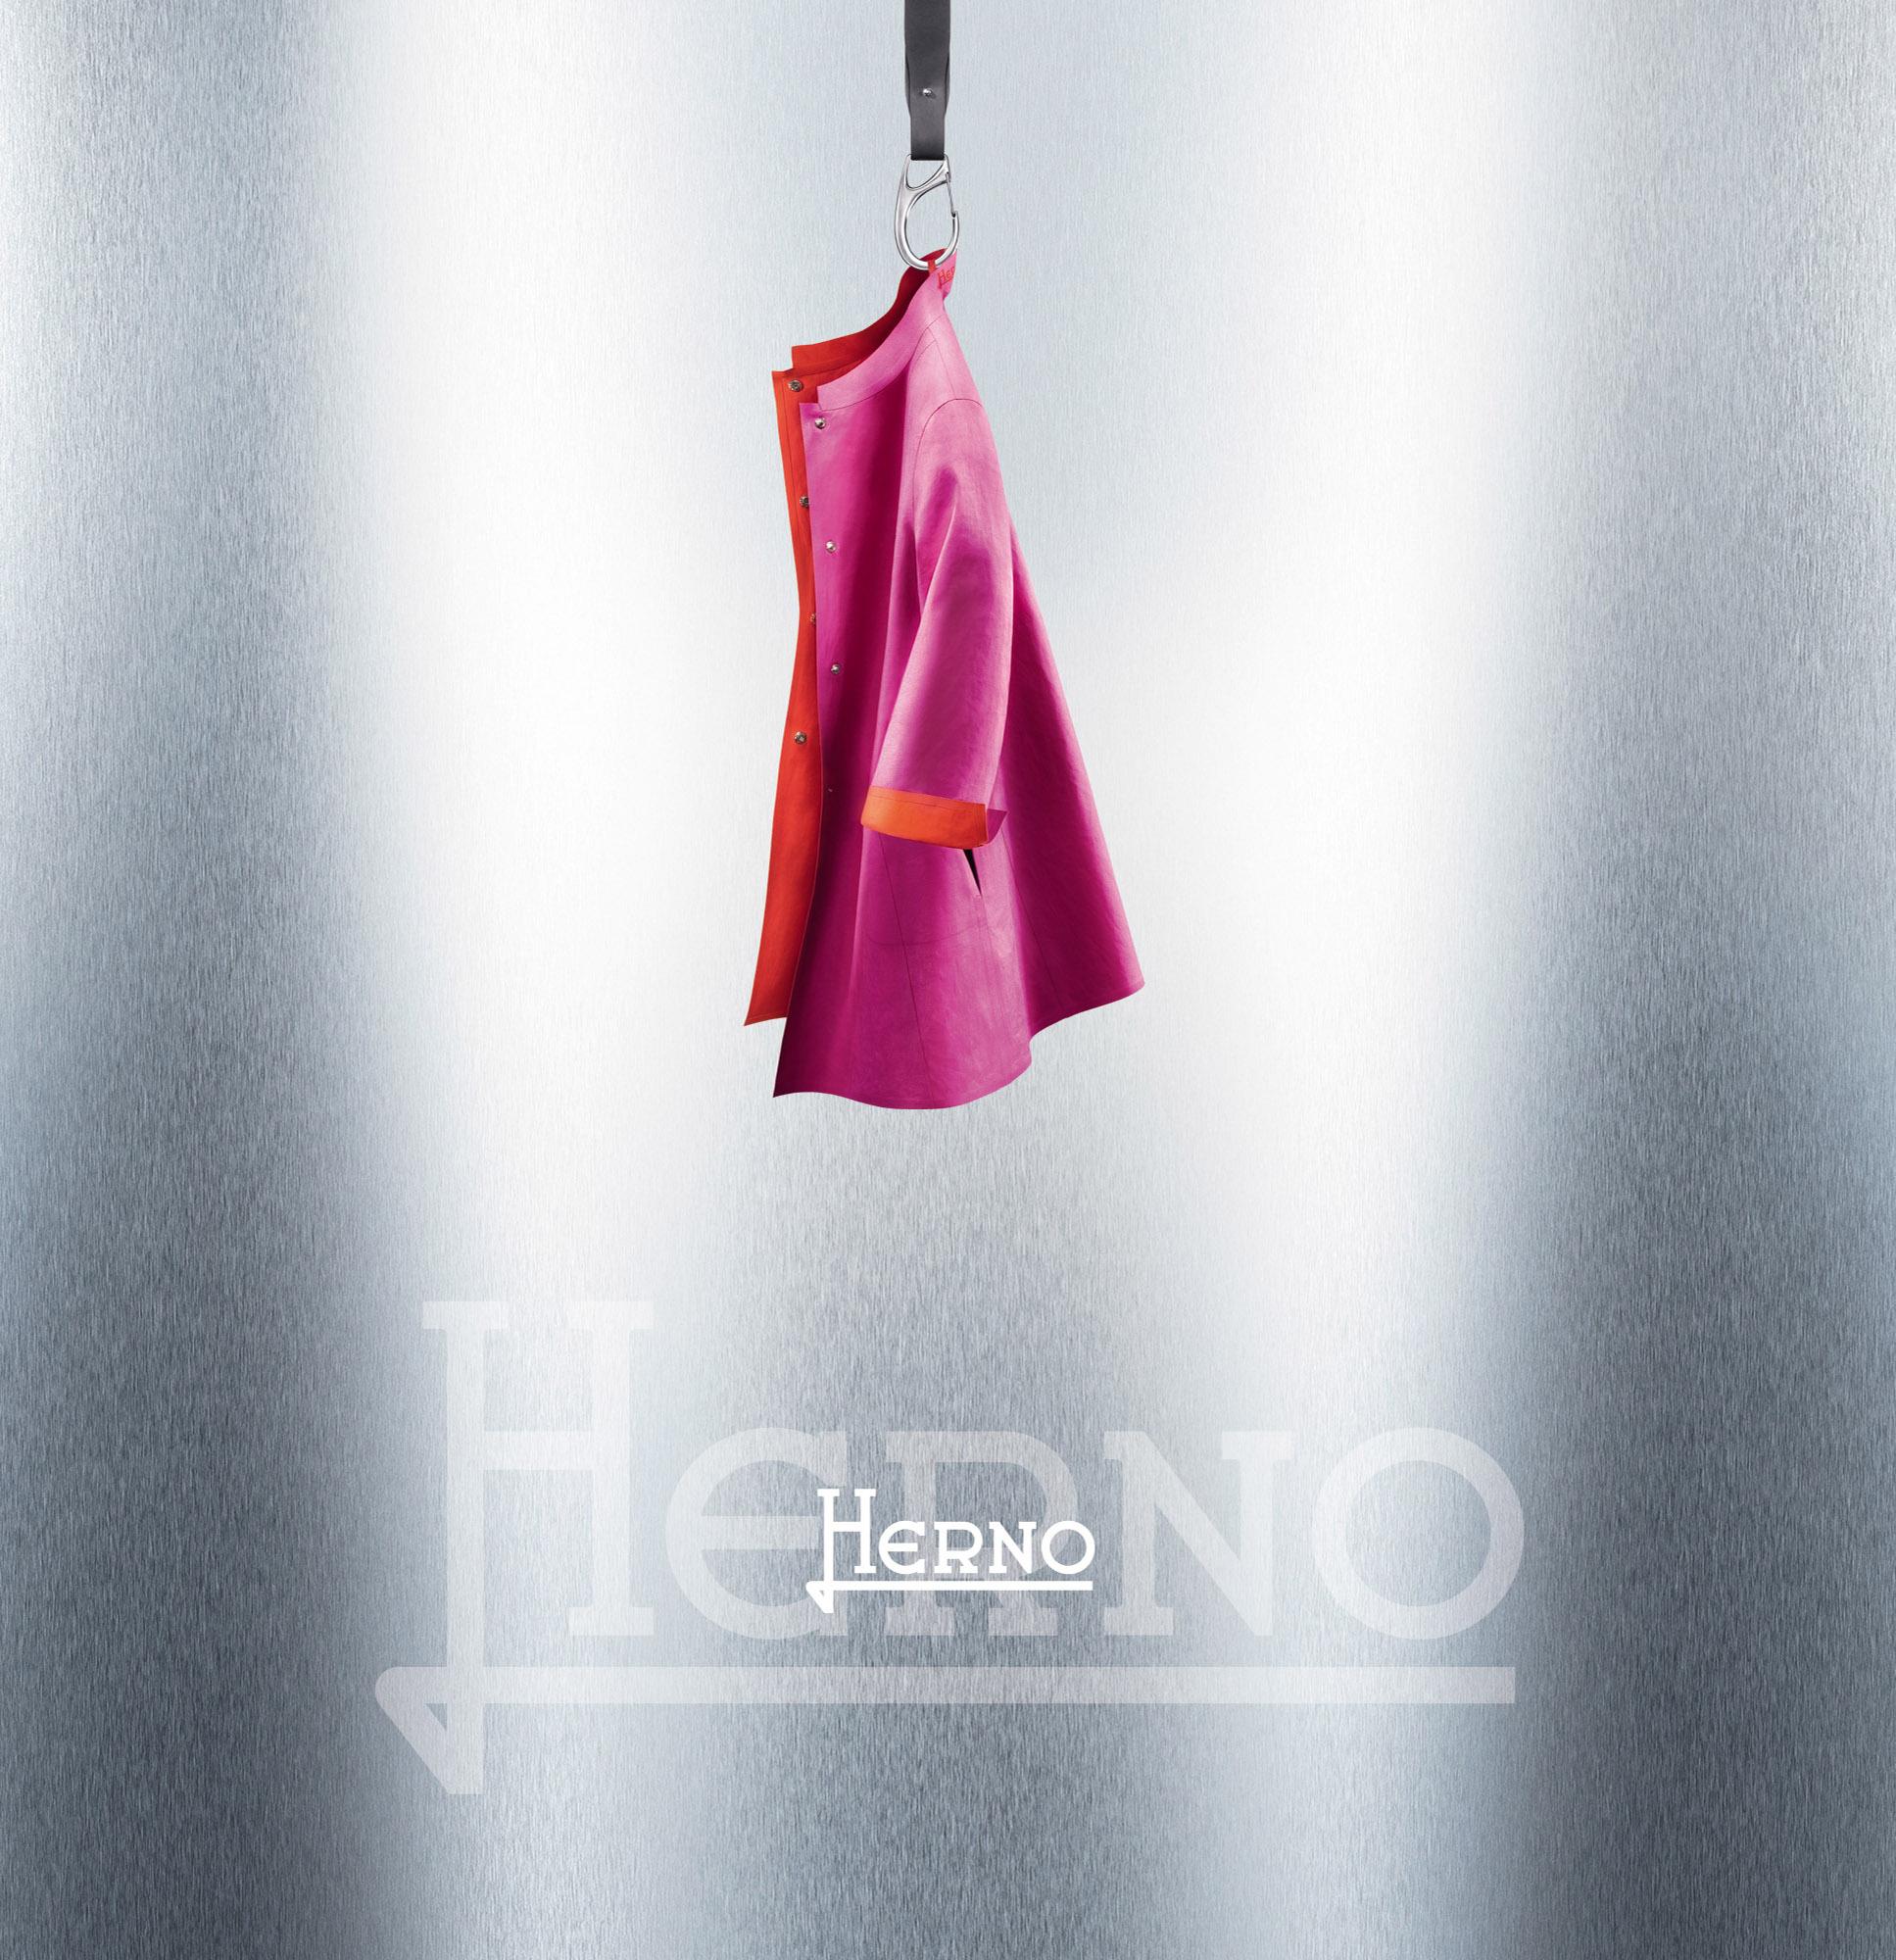 https://www.virno.it/en/woman/categories/shopping?ds=herno